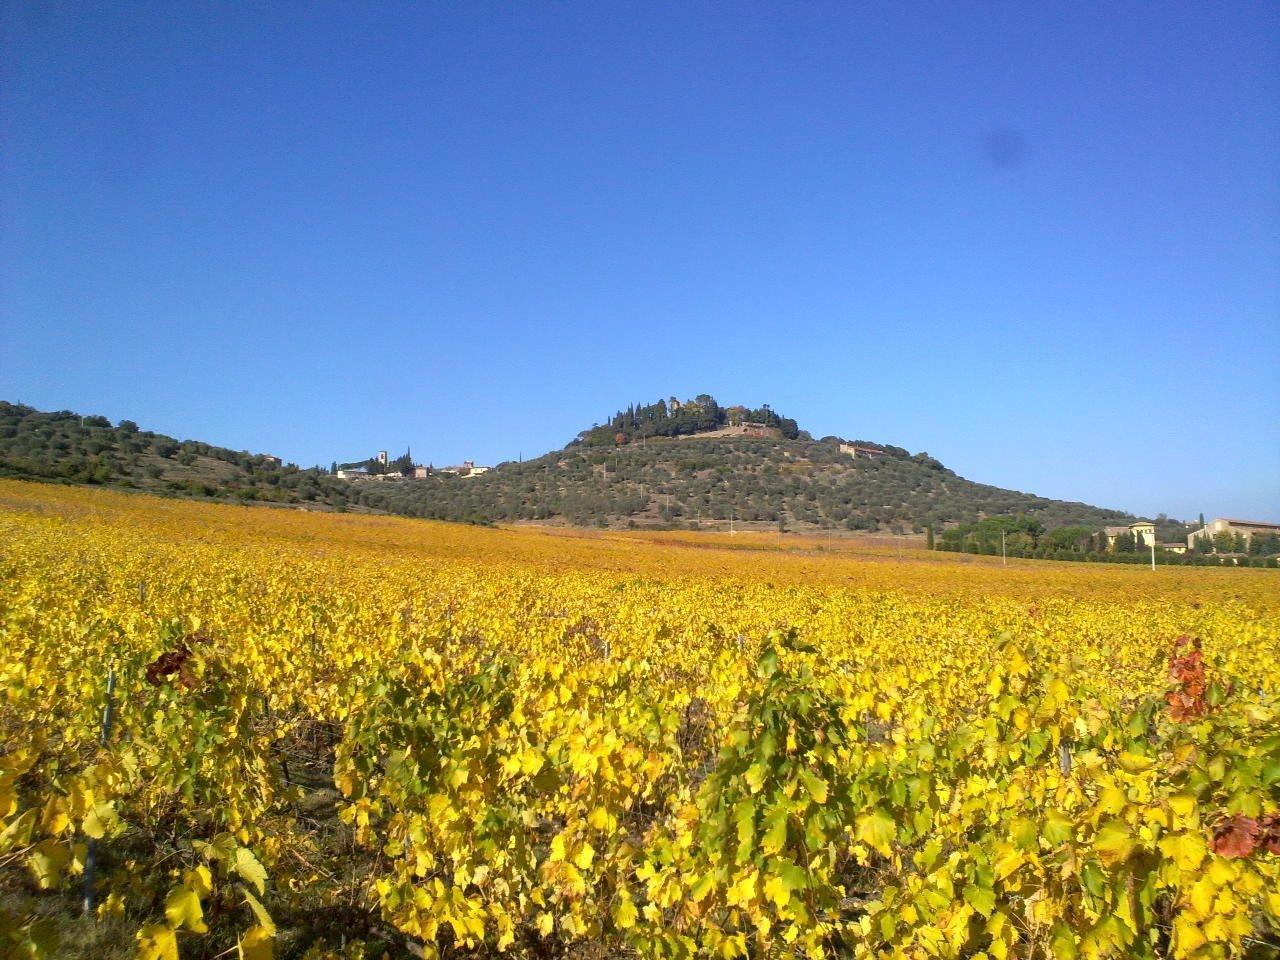 goudgele wijngaard met kasteel